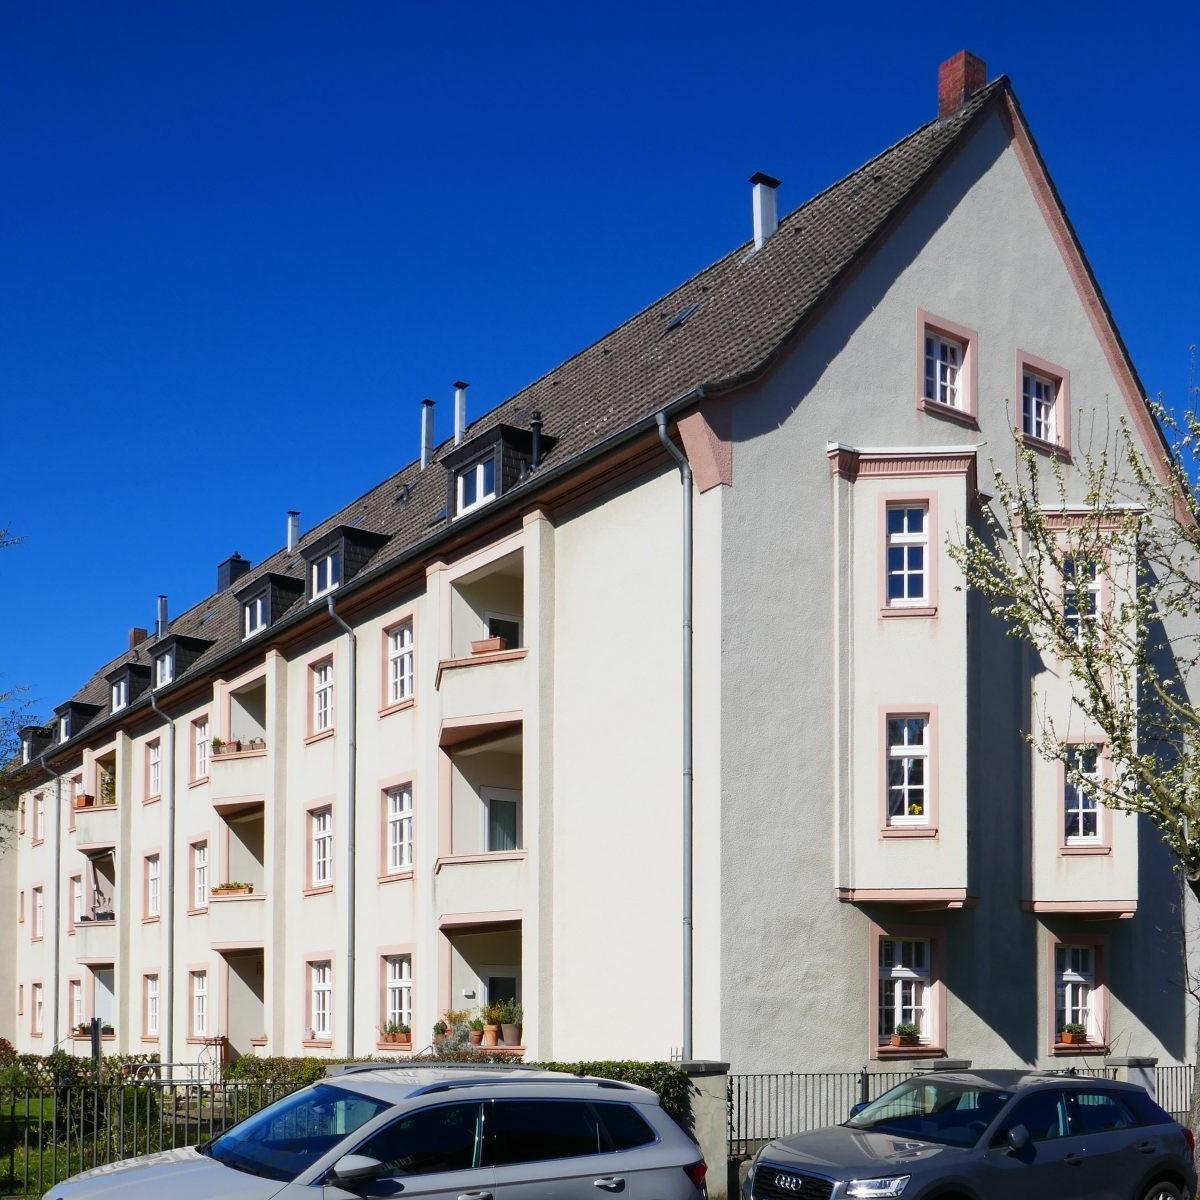 12 Mehrfamilienhaus Kolpingstraße - Foto: Stefan Rethfeld